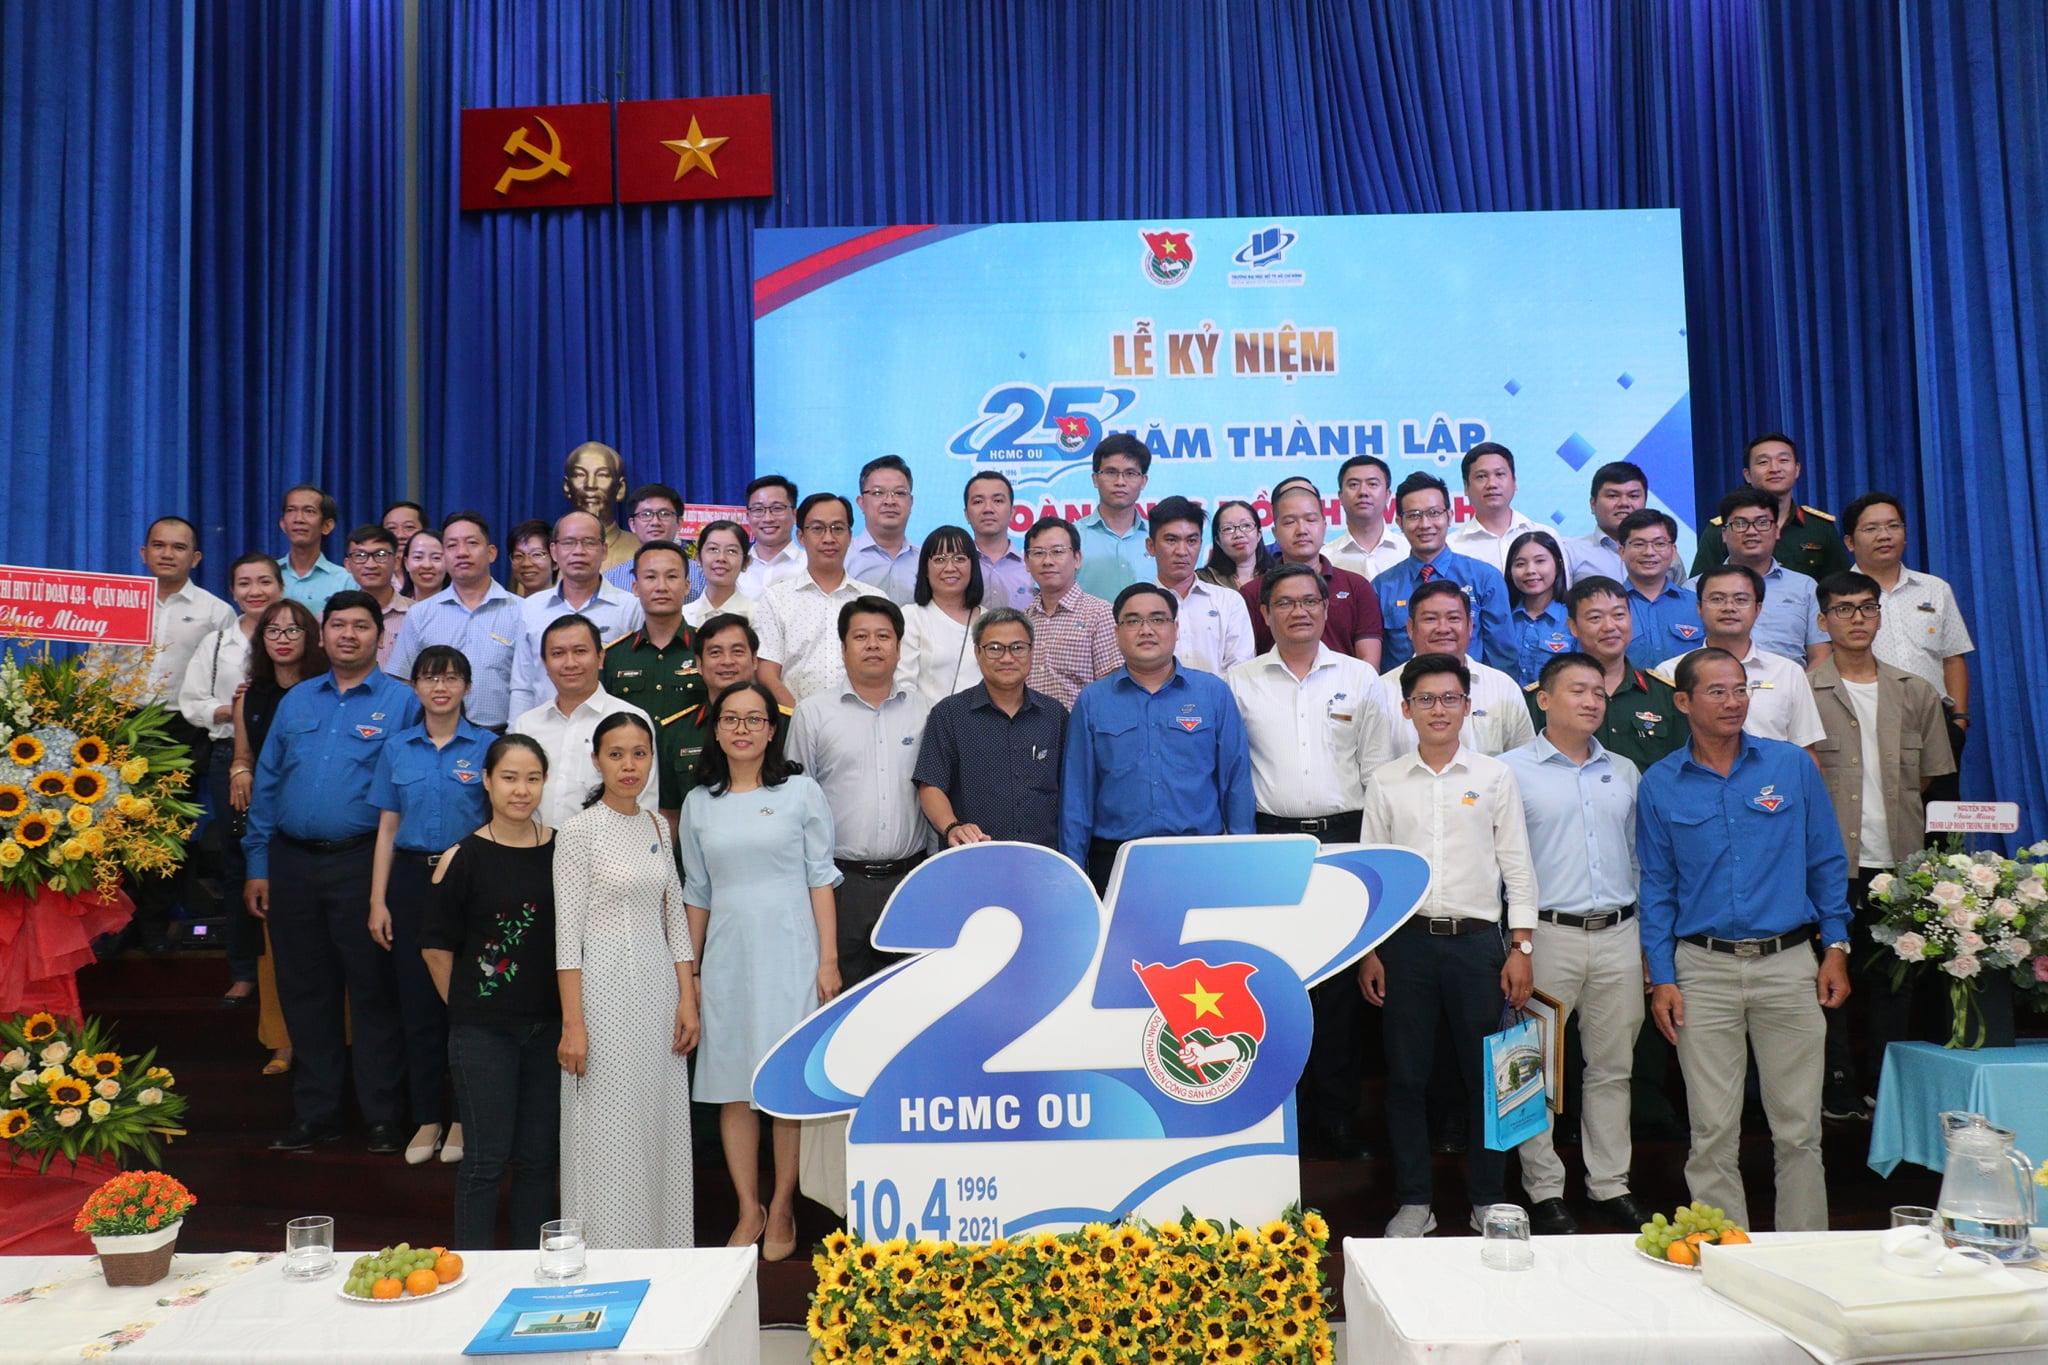 Đoàn Trường Đại học Mở TPHCM kỷ niệm 25 năm thành lập